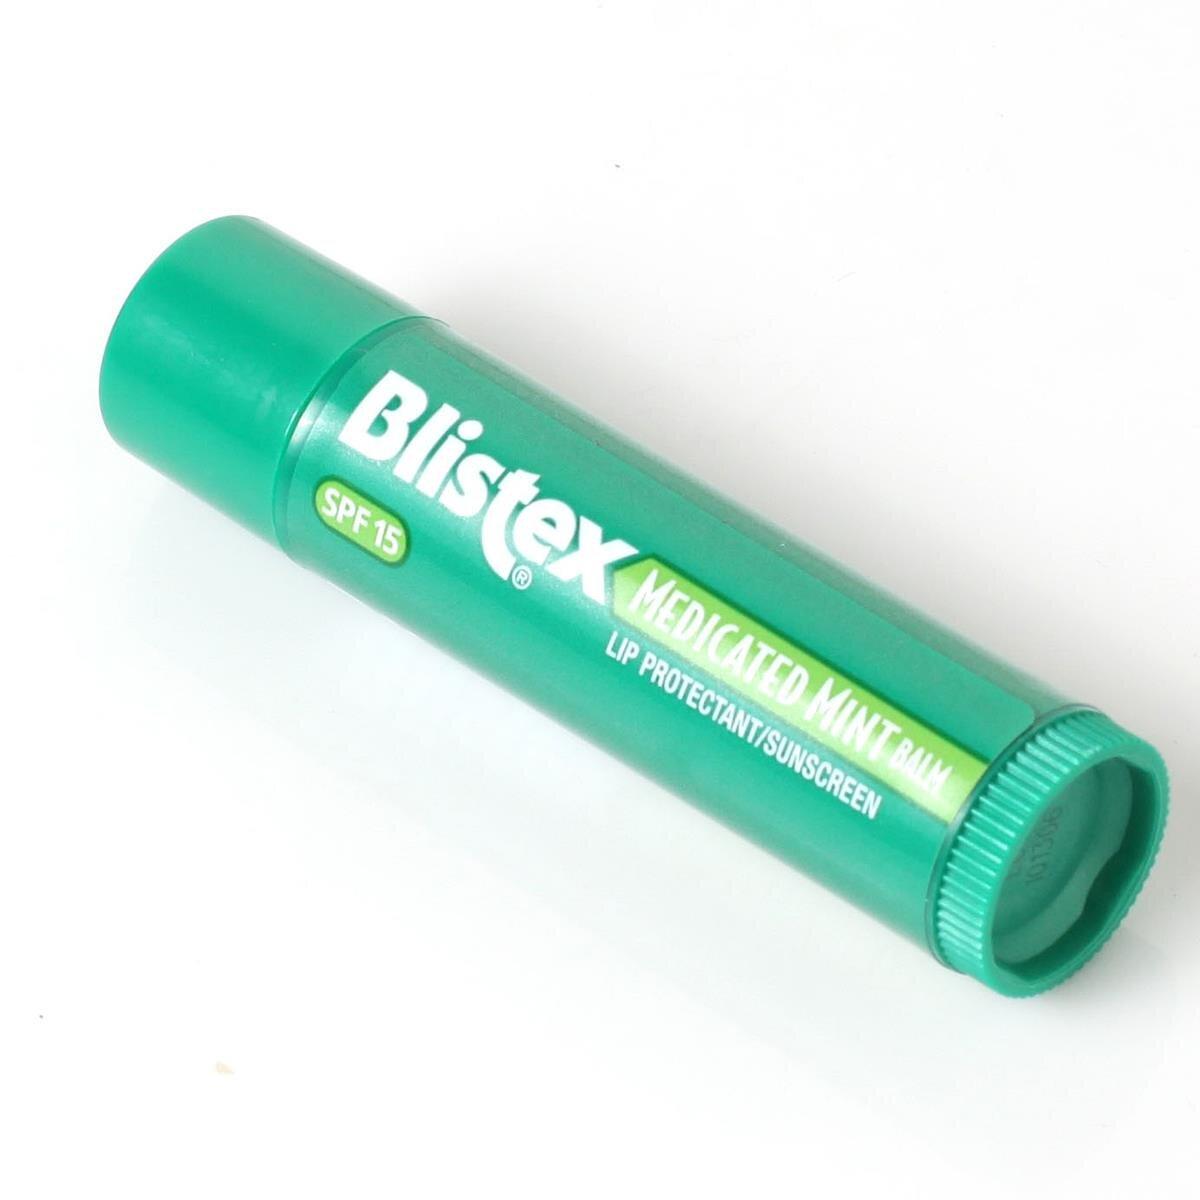 So sánh son dưỡng môi Blistex Medicated Mint Lip Balm và son trứng EOS Smooth Sphere Lip Balm